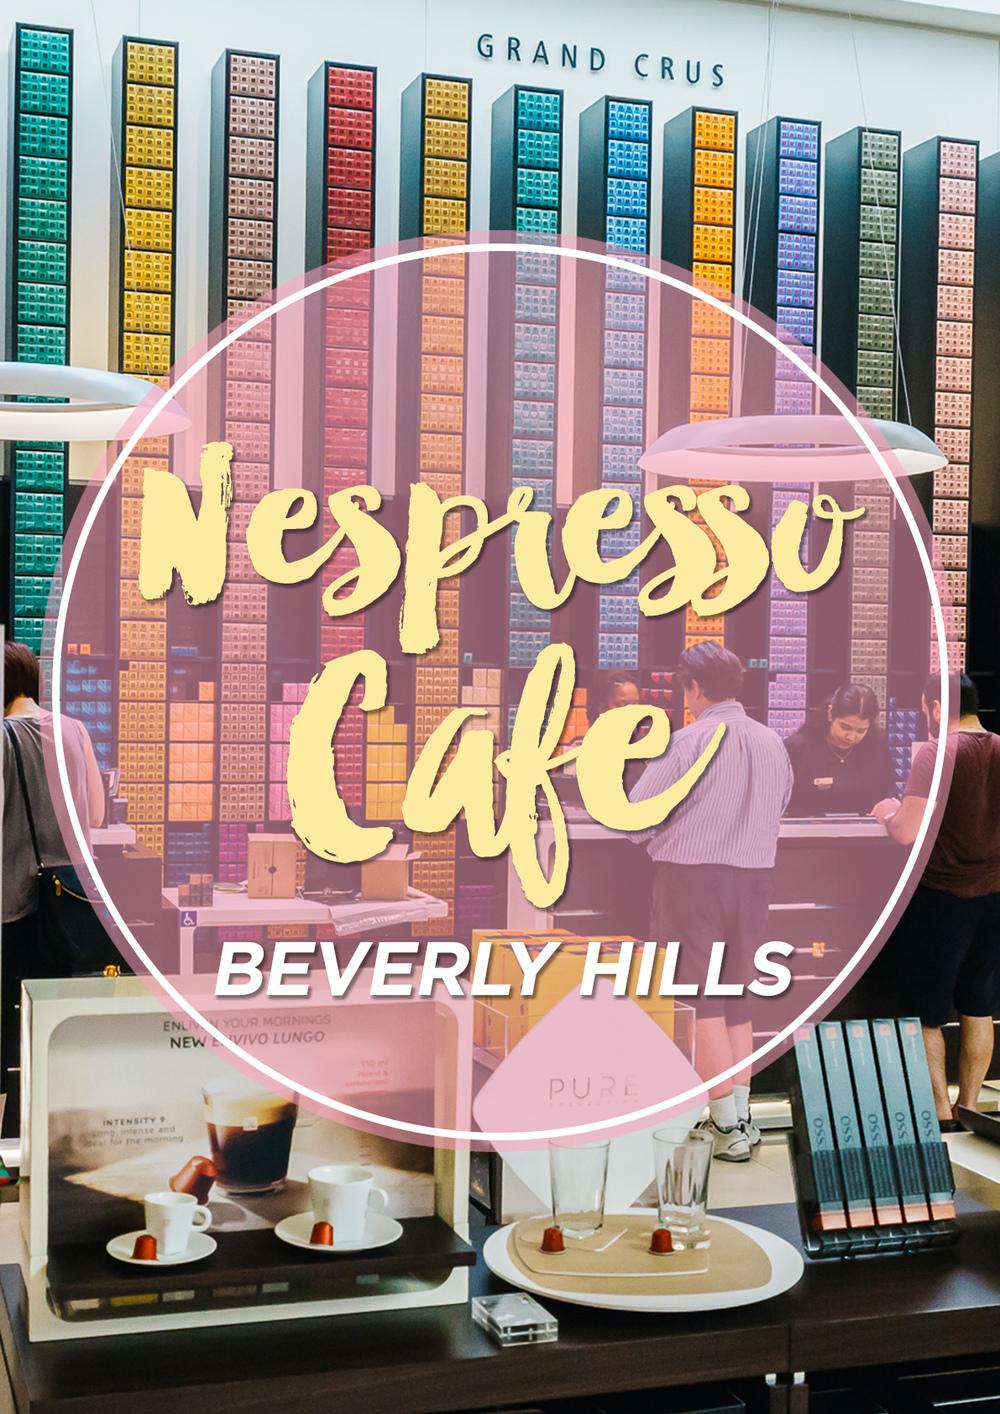 Nespresso Cafe Pinterest www.thetravelpockets.com